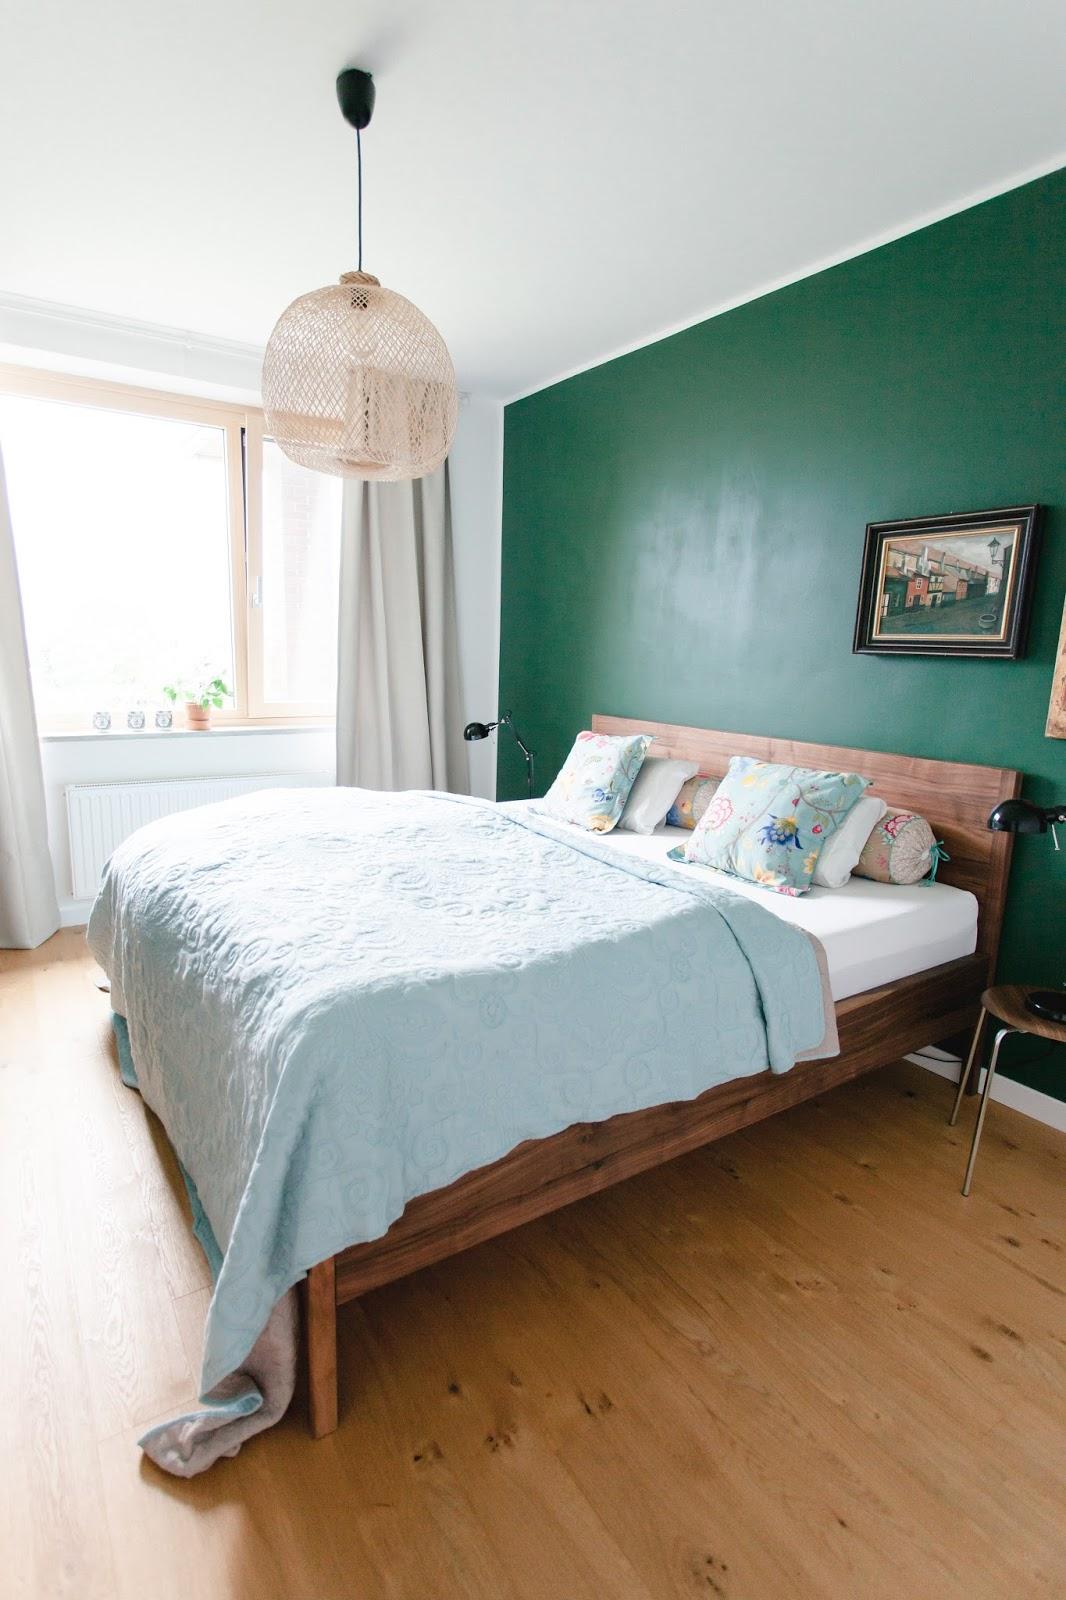 vorher nachher unser schlafzimmer wohnprojekt wohnblog f r interior diy und lifestyle. Black Bedroom Furniture Sets. Home Design Ideas